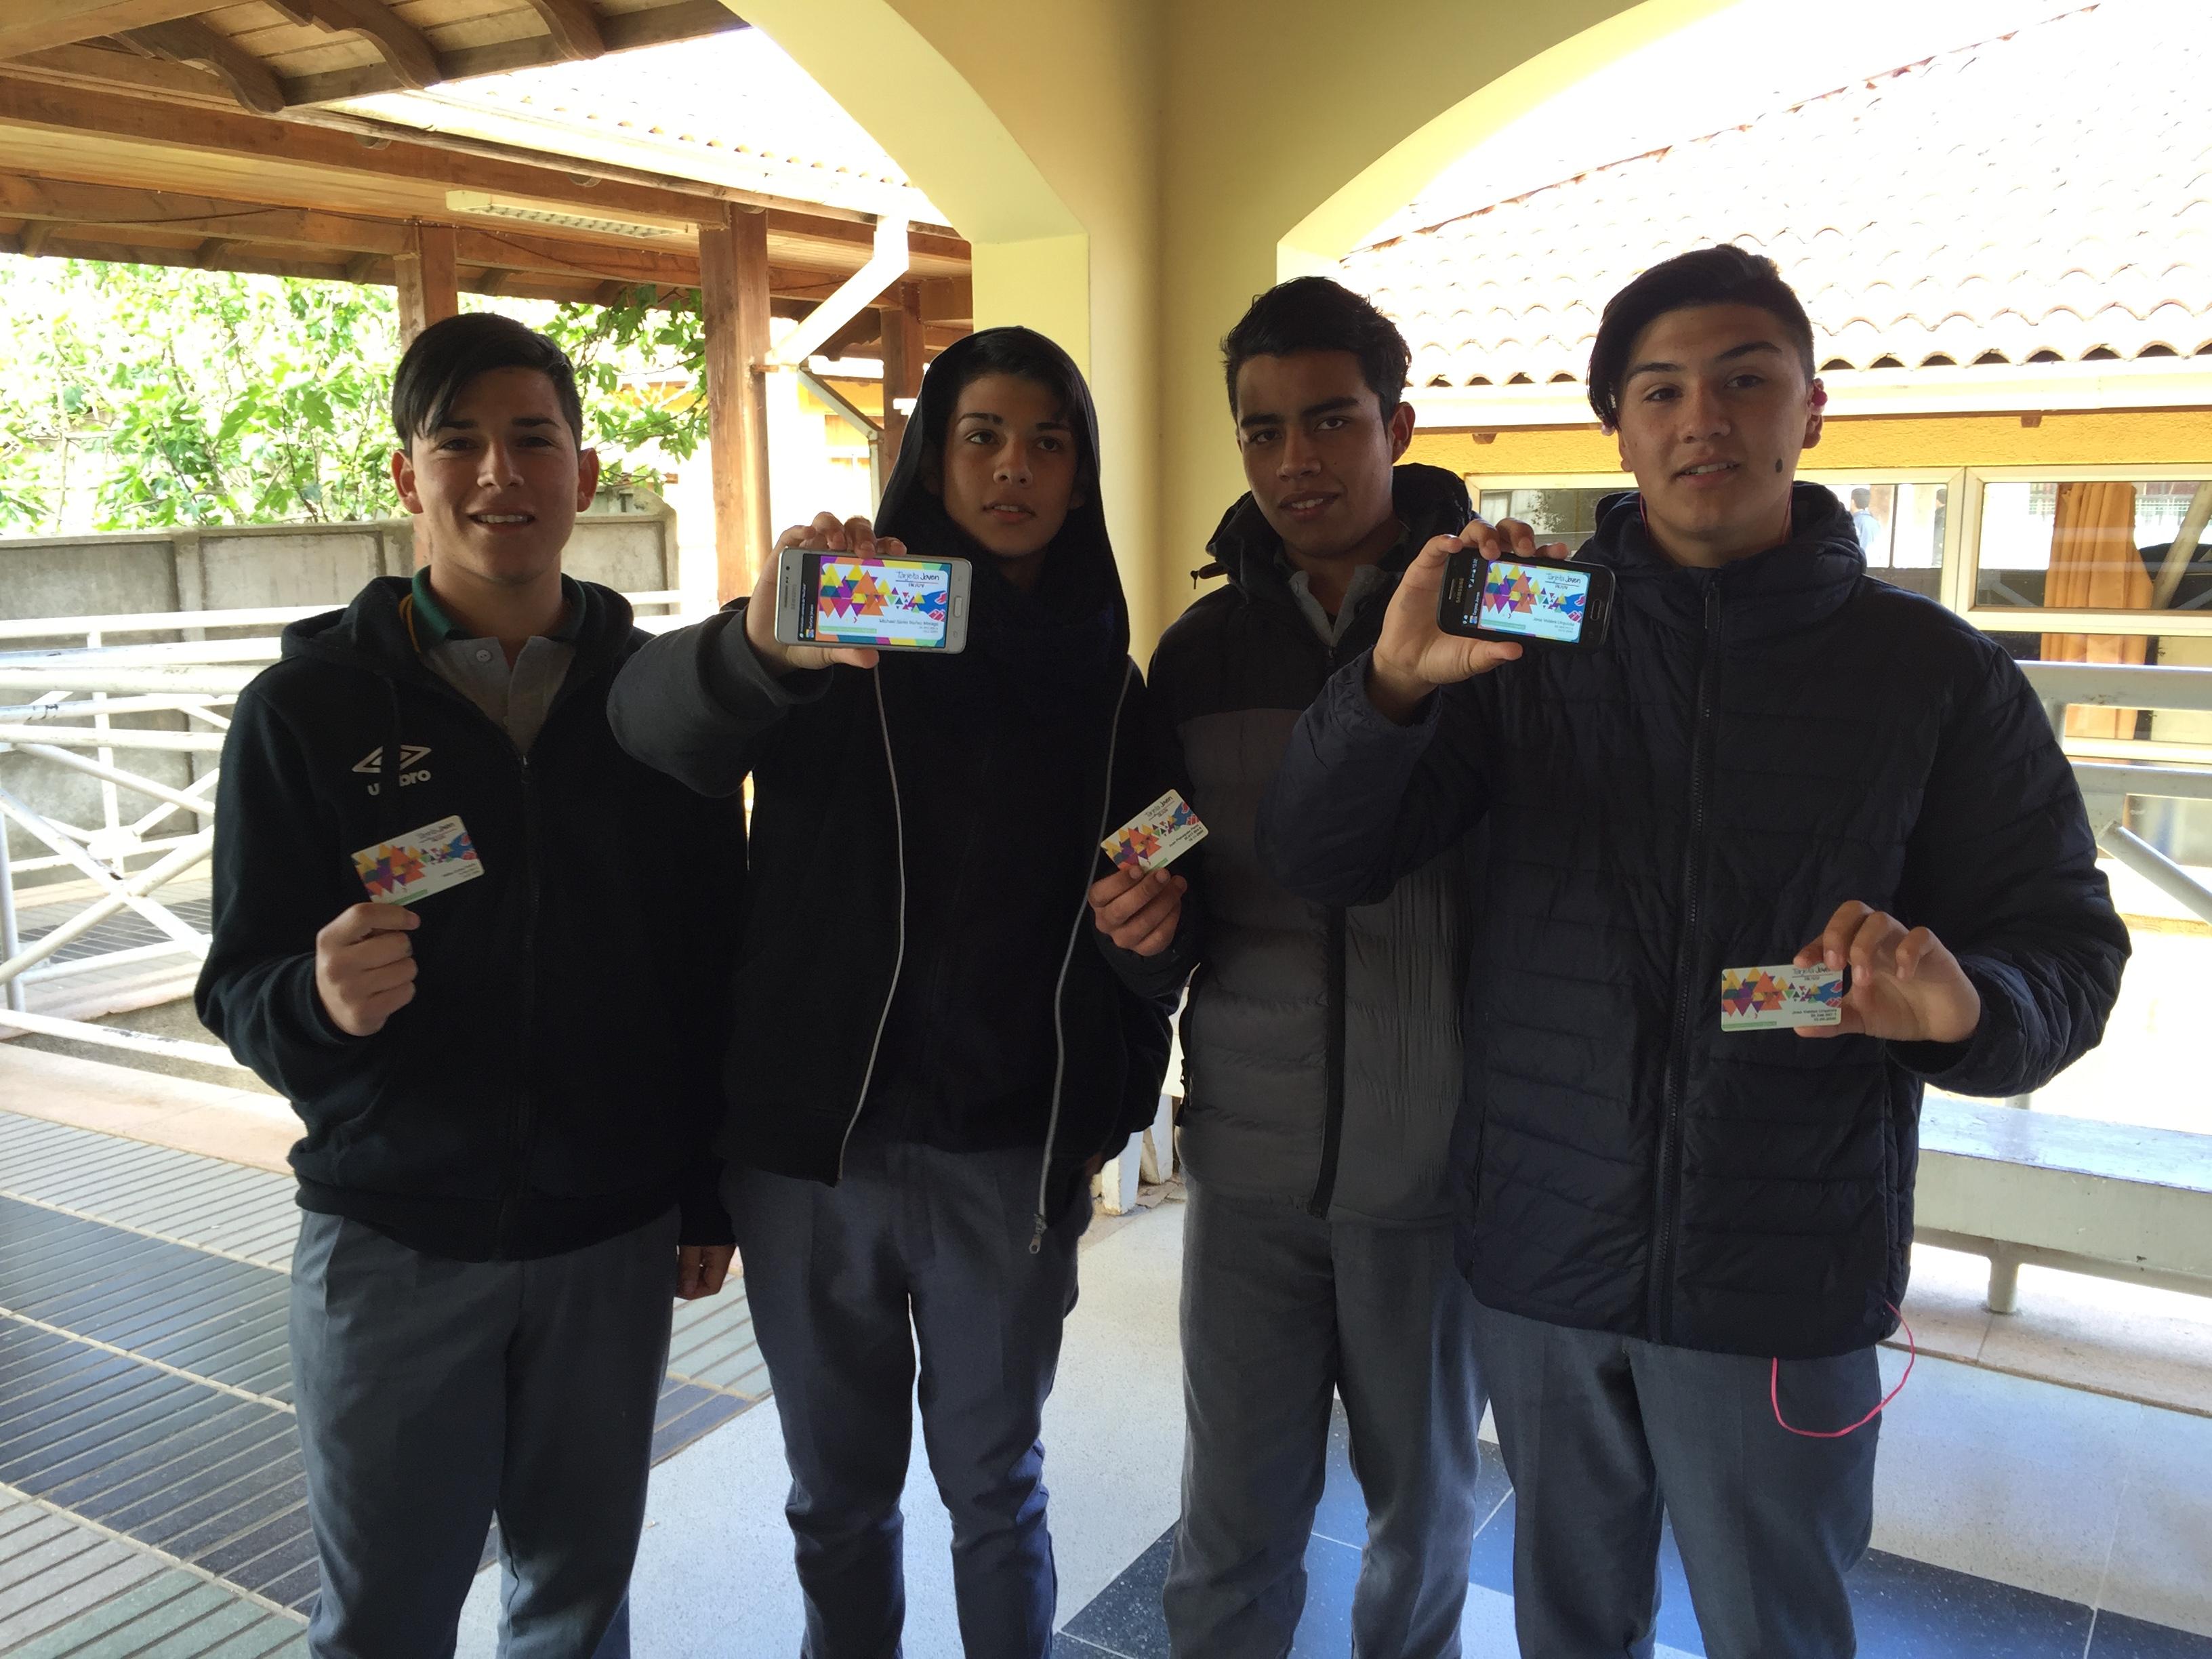 Injuv hace llamado a jóvenes a usar Tarjeta Joven y aprovechar sus beneficios en verano